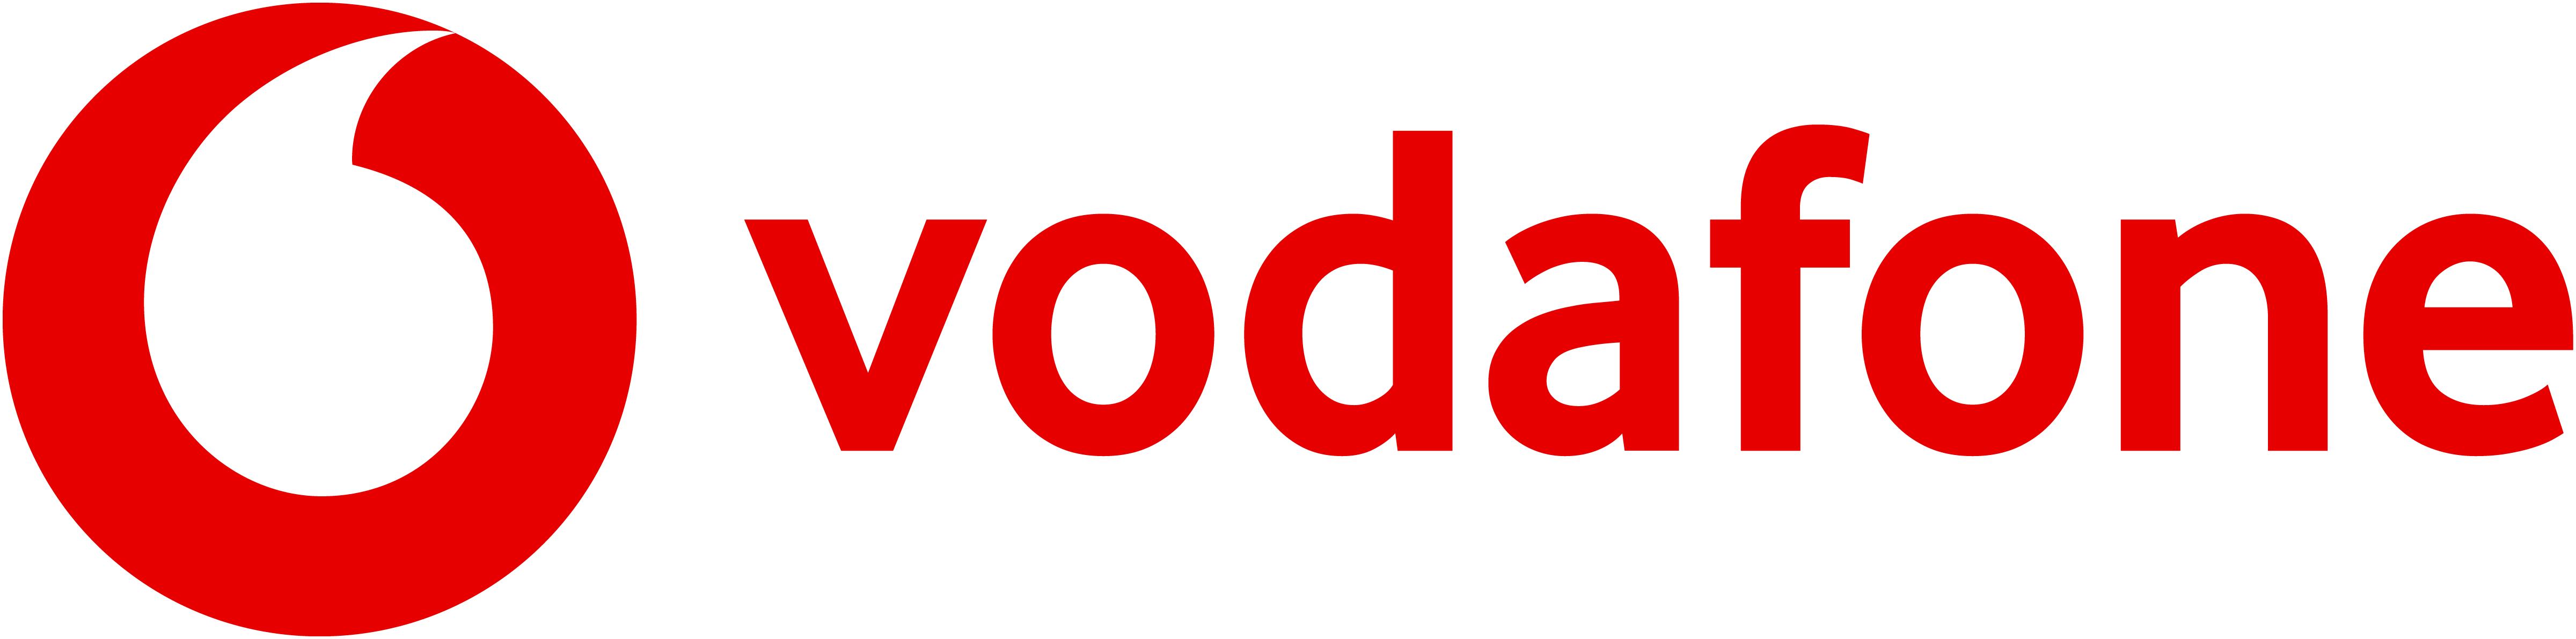 http://www.kwg-helmstedt.de/media/Logo_Vodafone.jpg